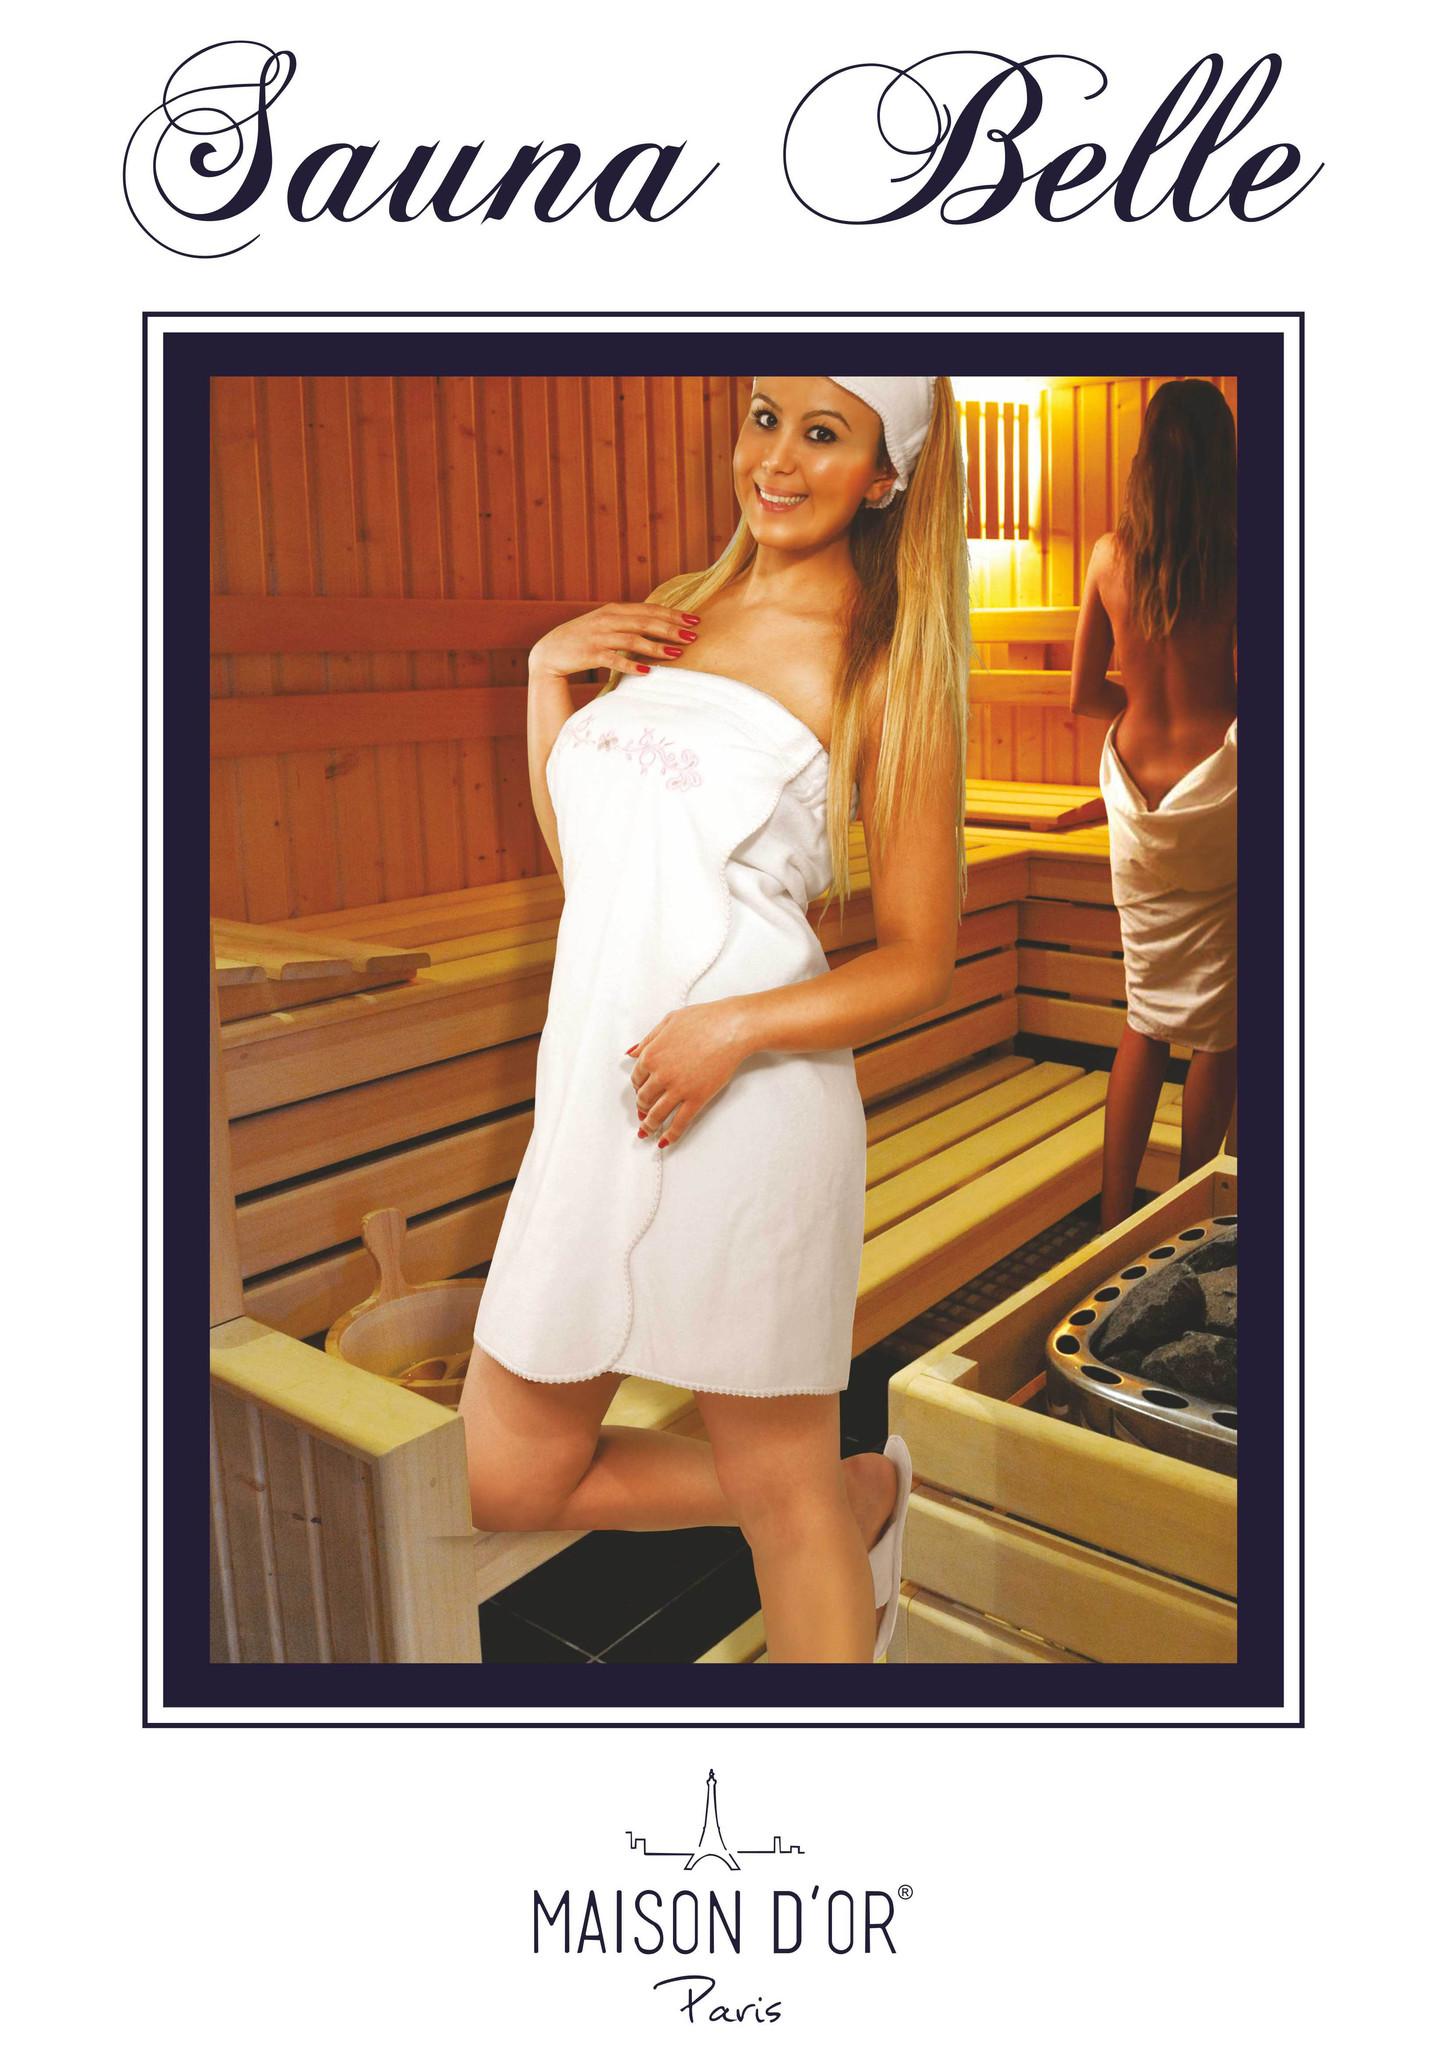 Наборы для Сауны BELLE - БЕЛЛЕ набор женский для сауны / Maison Dor(Турция) Sauna_Belle-K.jpg